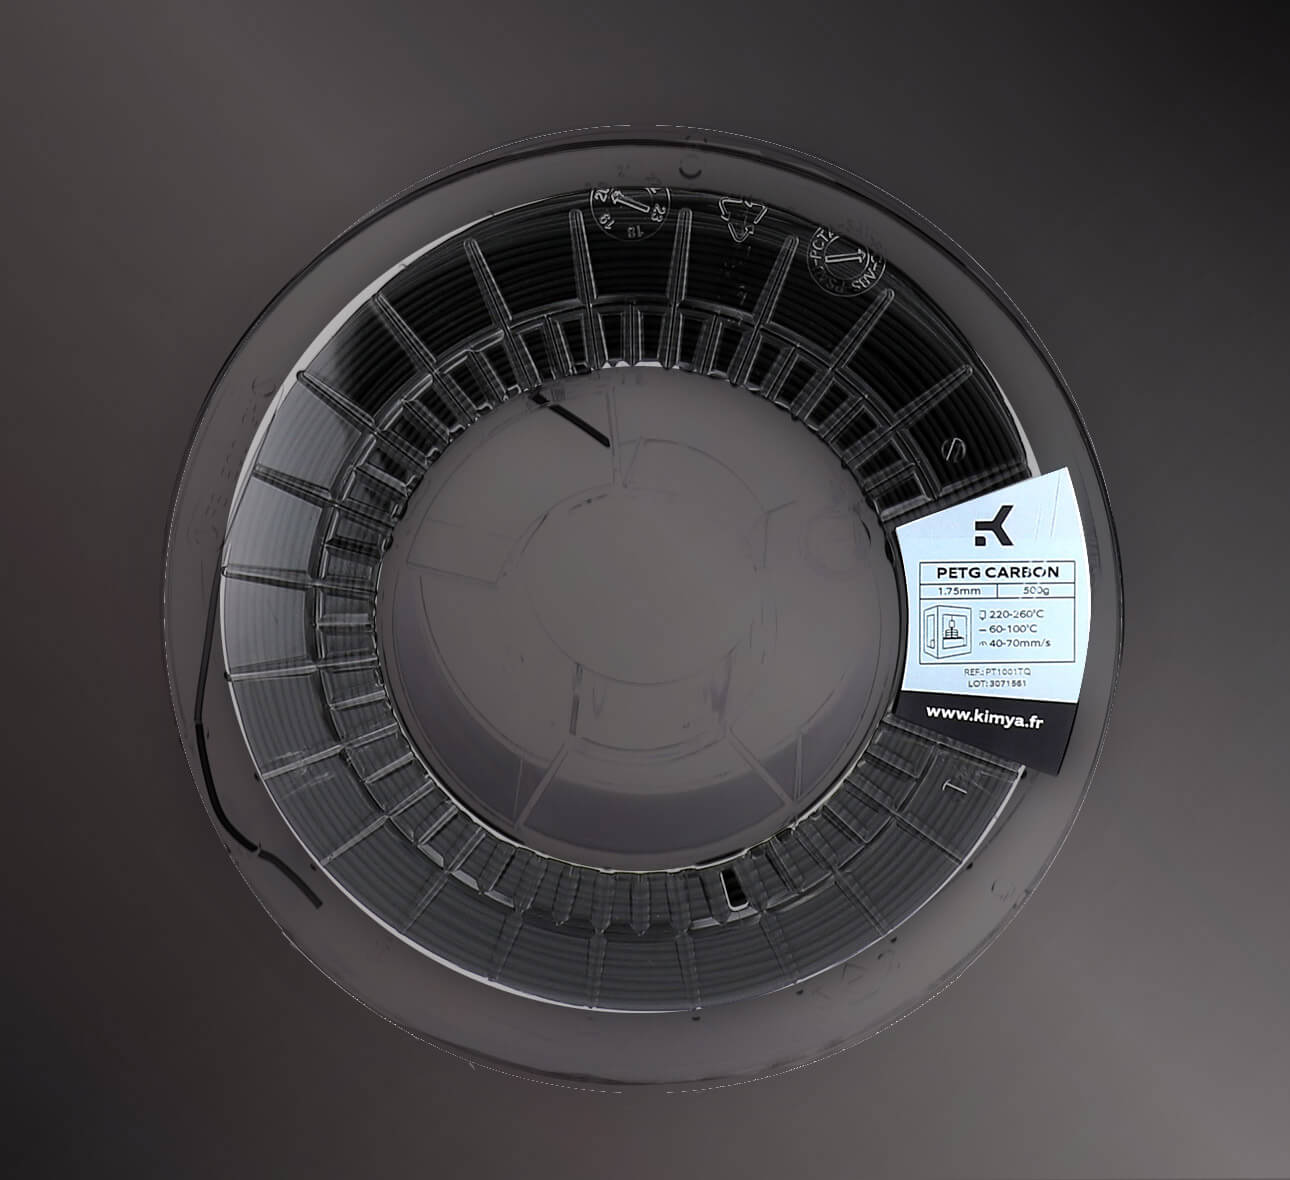 Kimya PETG Carbon - Material de impresión 3D